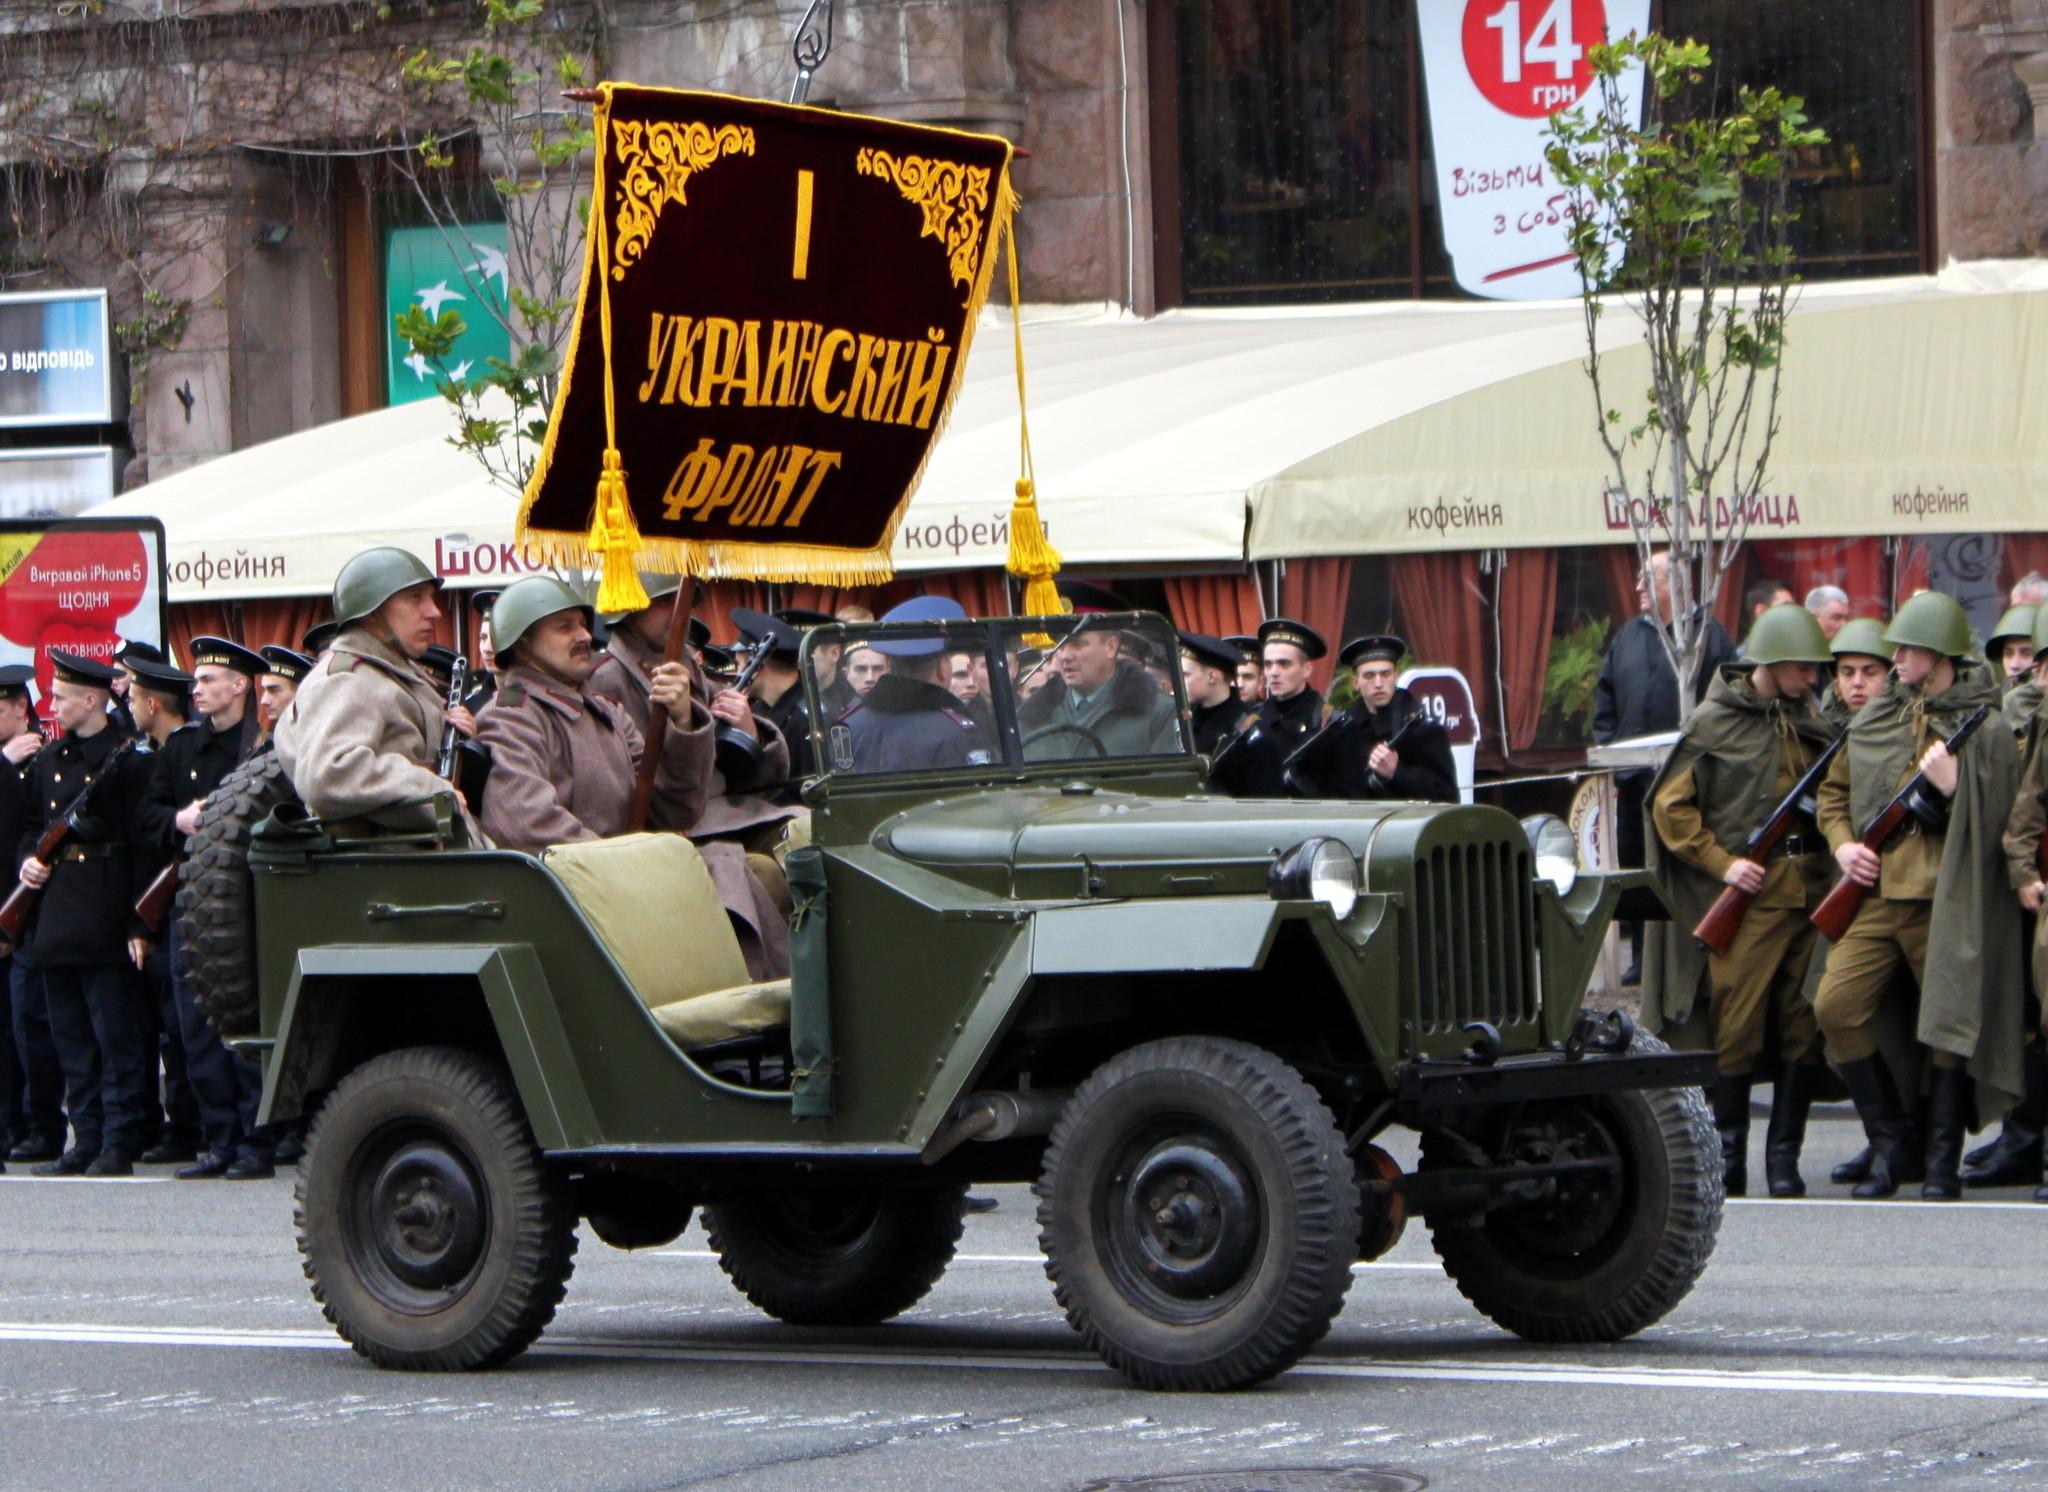 Штандарт 1 Украинского фронта